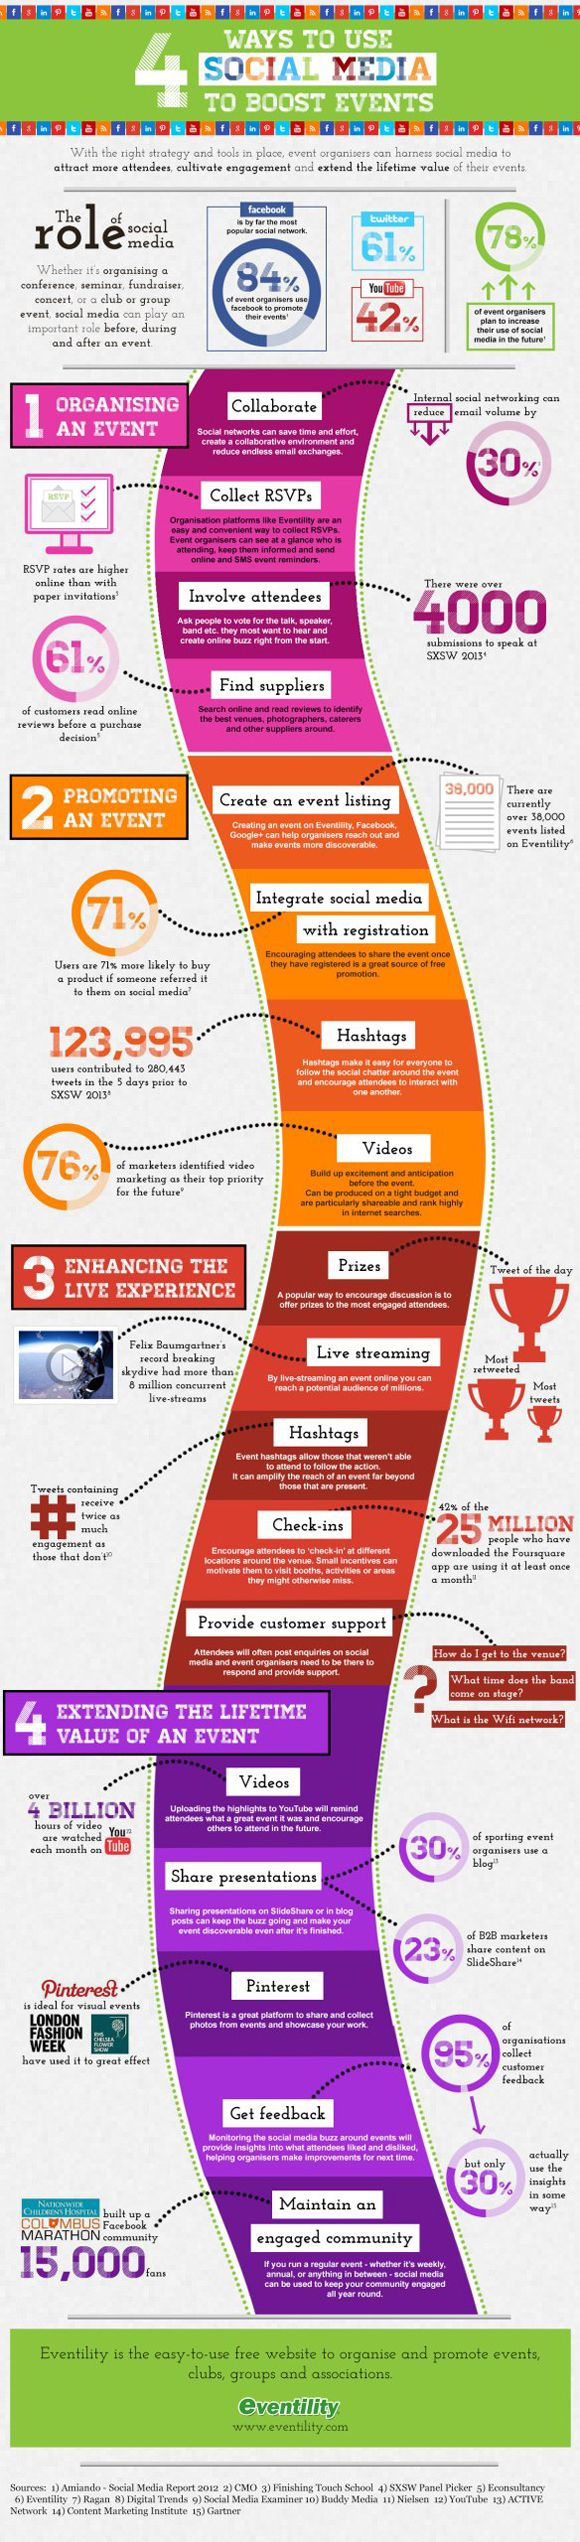 De vier stappen waarin je #socialmedia kan inzetten om van je #evenement een succes te maken.